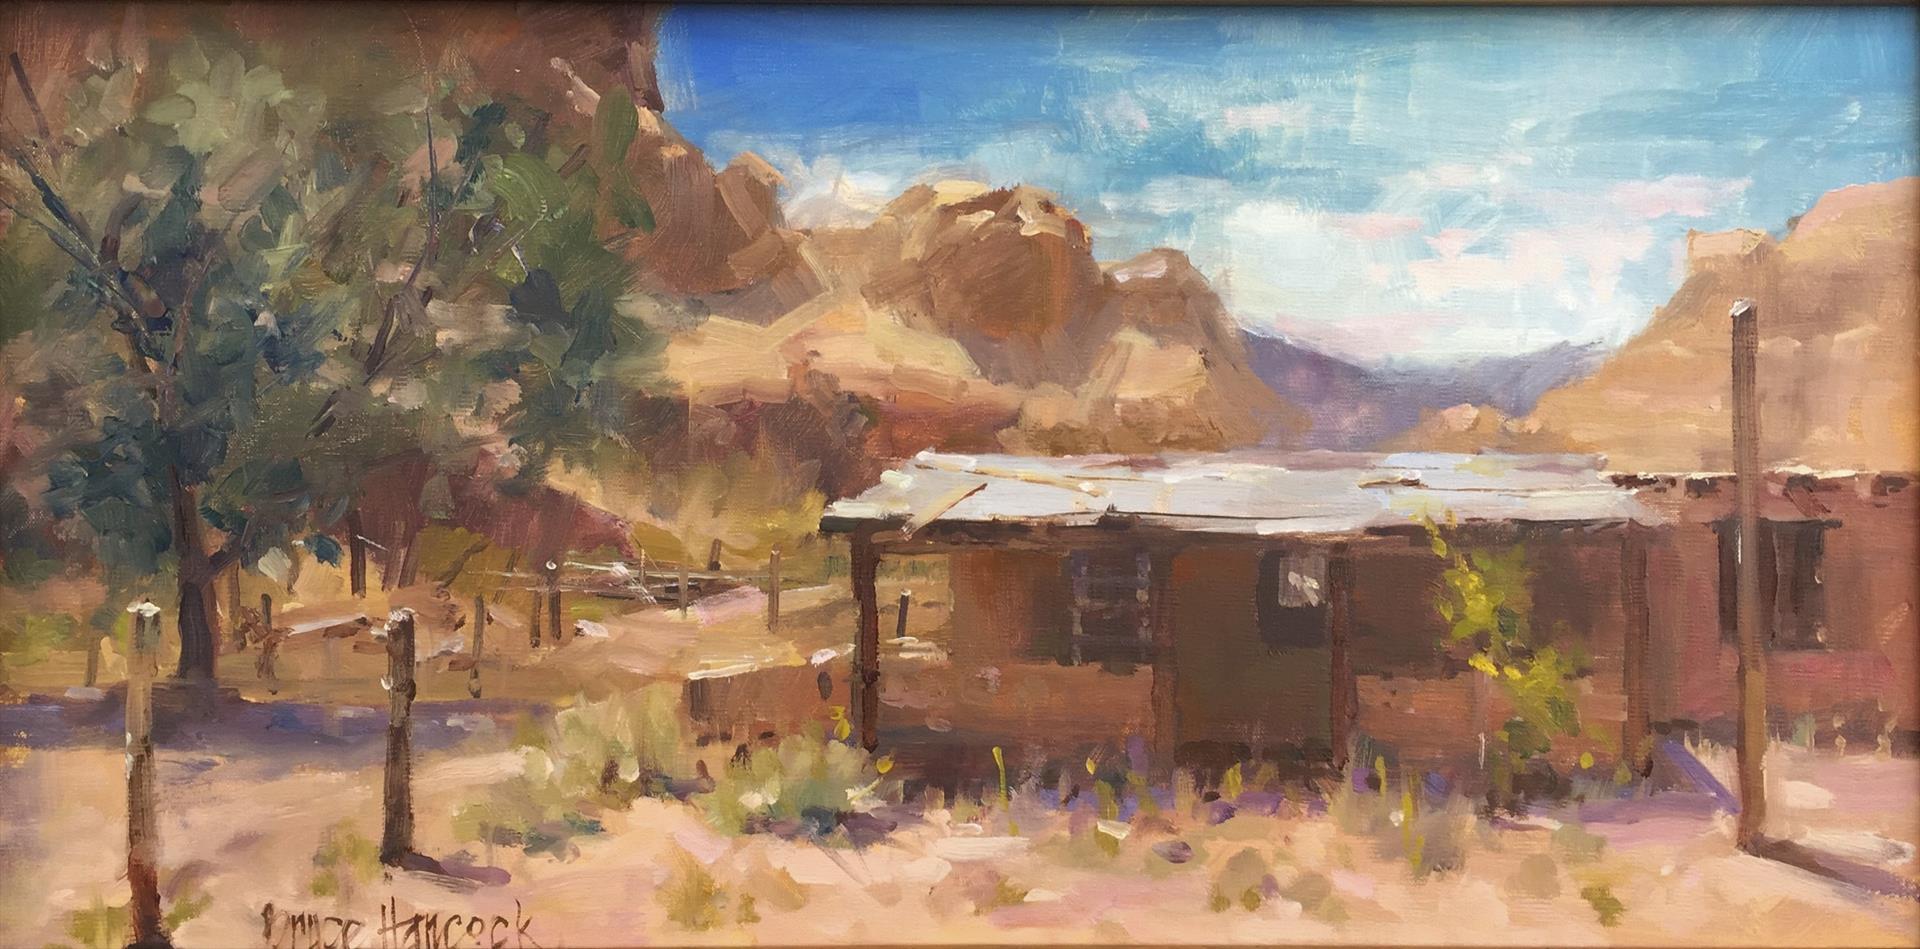 BruceHancock-desert_silence-AnitaWolffAw